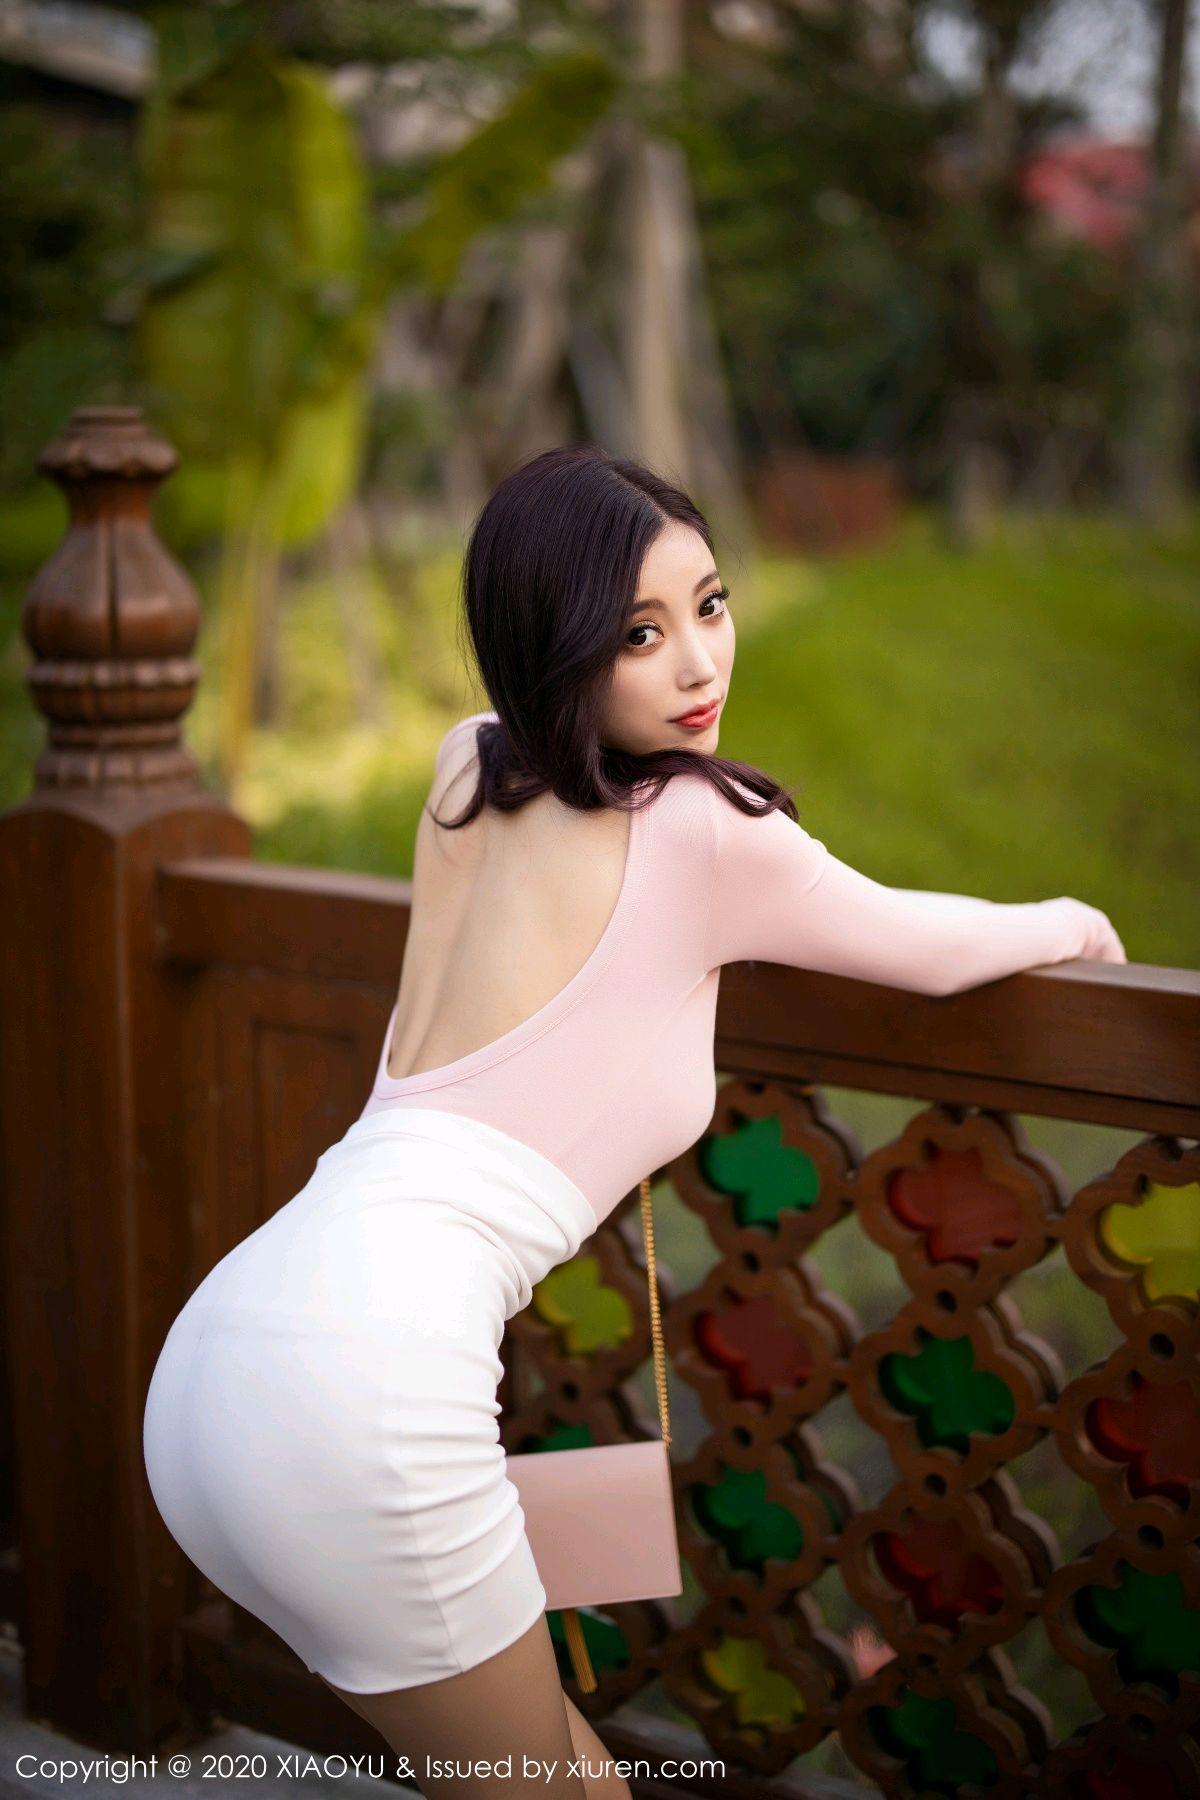 [XiaoYu] Vol.310 Yang Chen Chen 31P, Street, XiaoYu, Yang Chen Chen